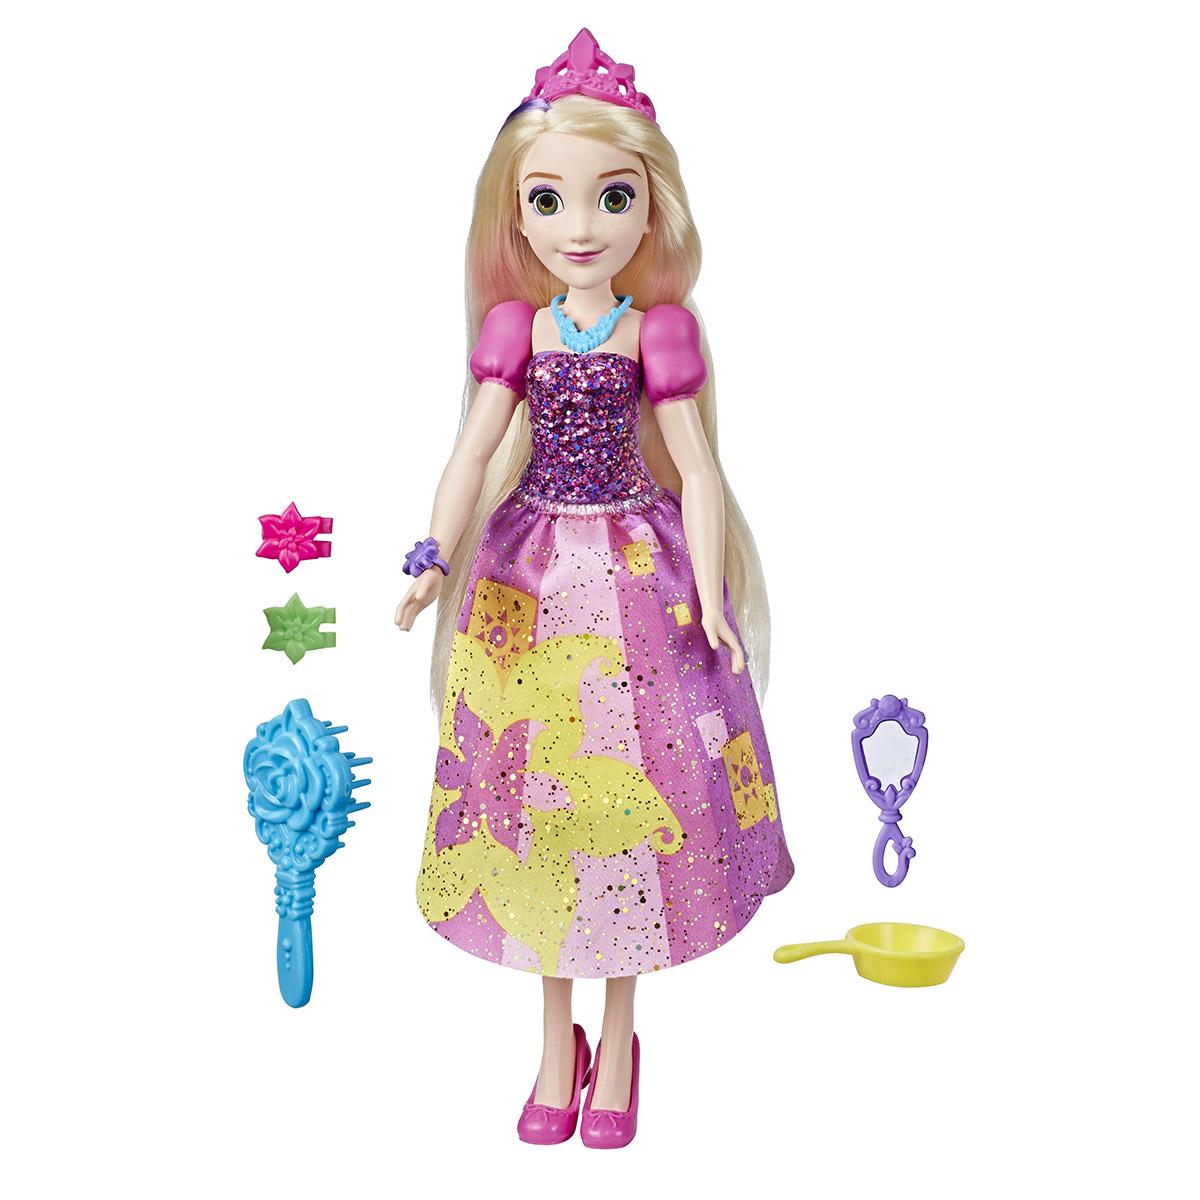 Papusa cu accesorii Disney Princess, Rapunzel